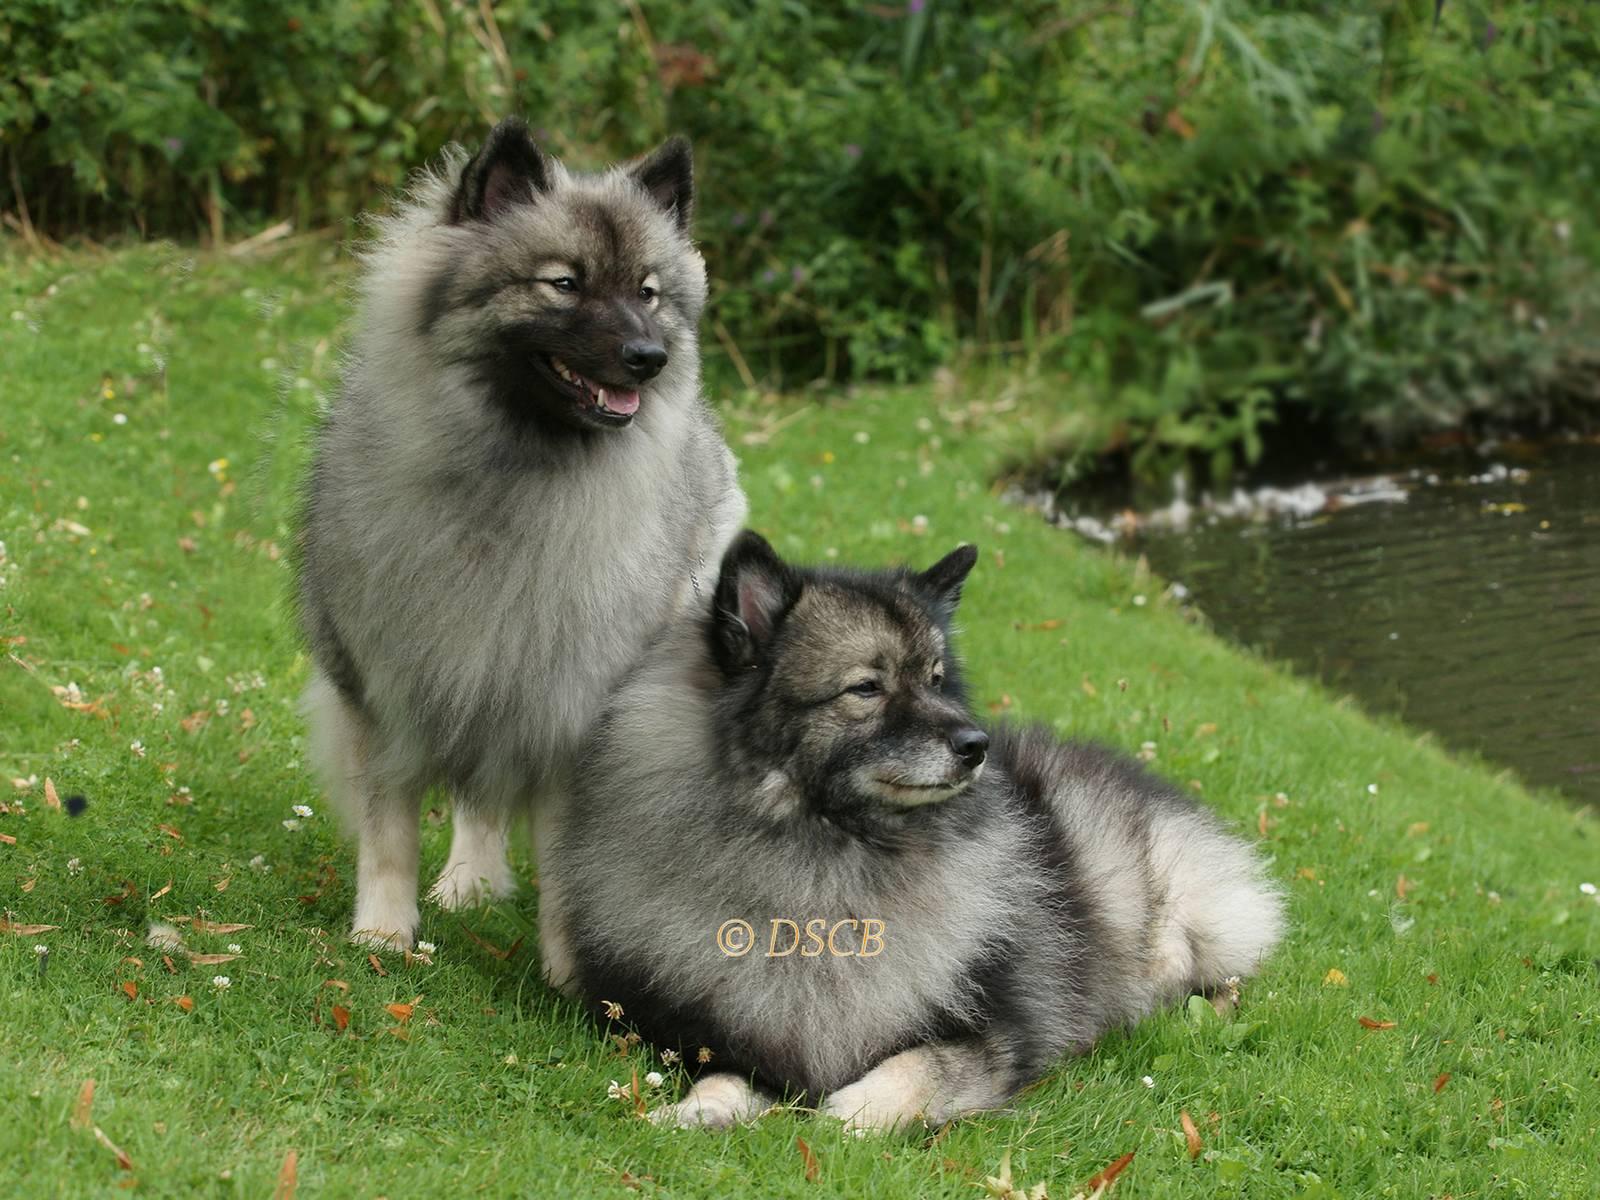 Кеесхонд (вольфшпиц): описание немецкой породы, внешний вид, характер, уход и содержание, фото собаки